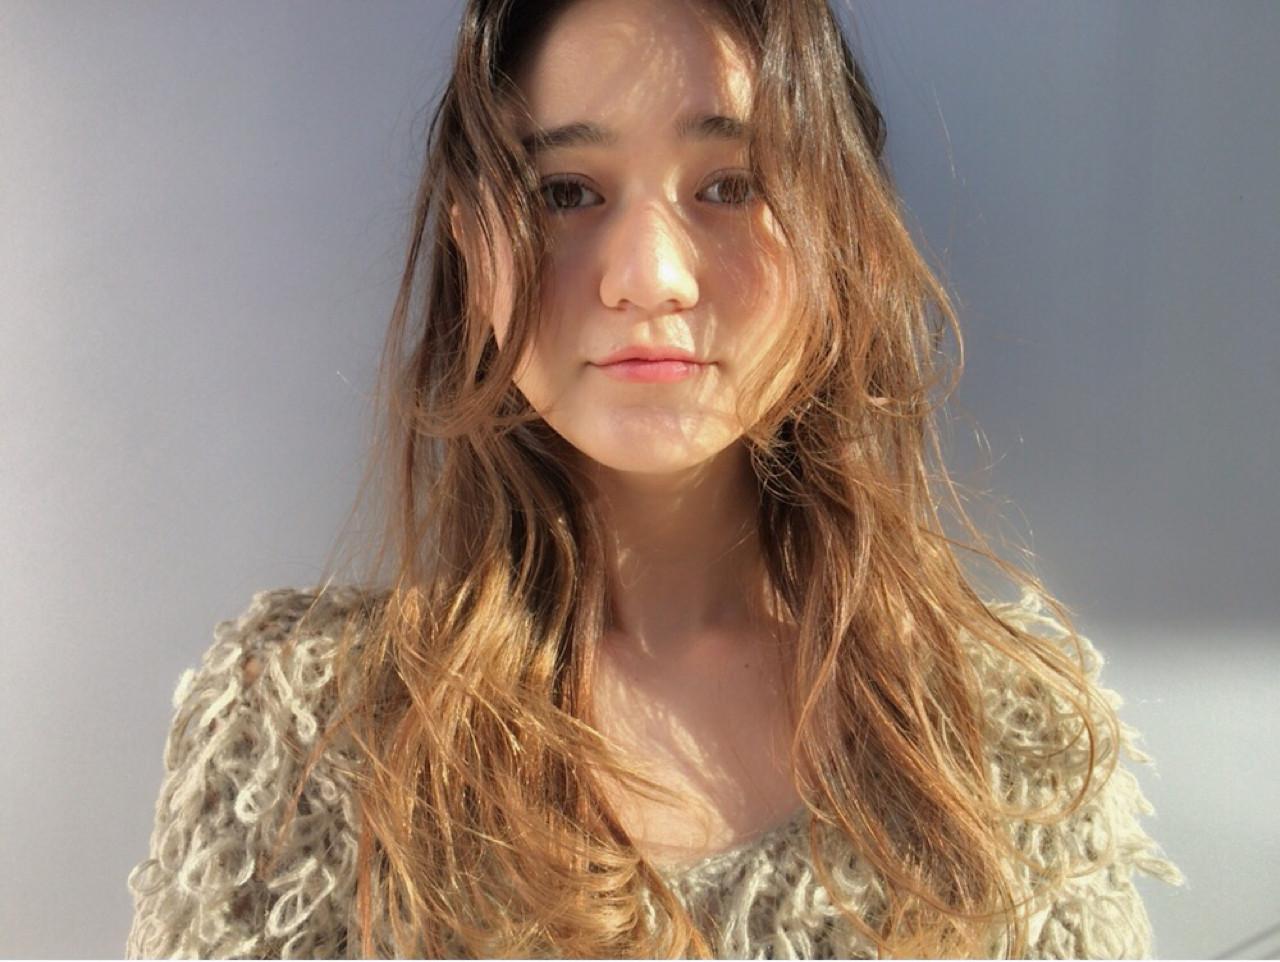 アッシュ パーマ ハイライト ナチュラル ヘアスタイルや髪型の写真・画像 | 井上 彩 / Luxe